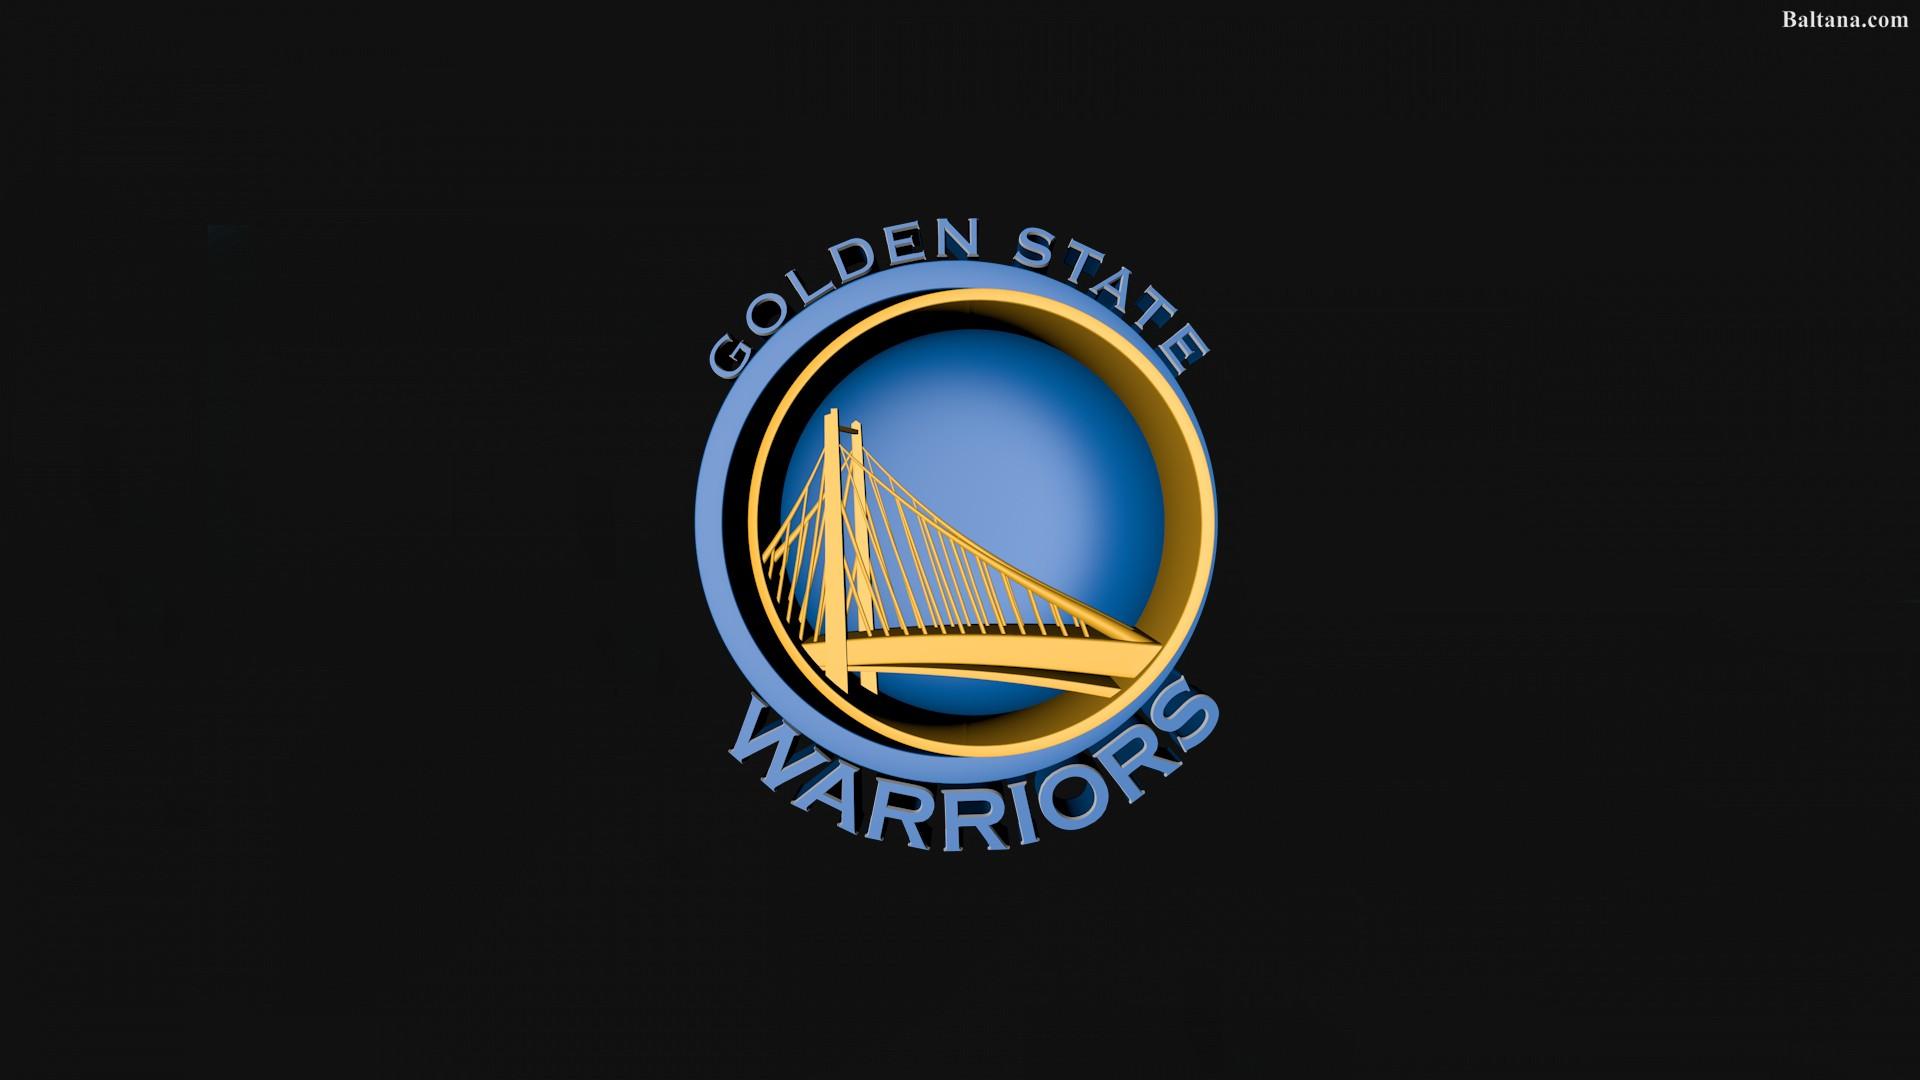 Golden State Warriors Desktop Wallpaper Hd , HD Wallpaper & Backgrounds